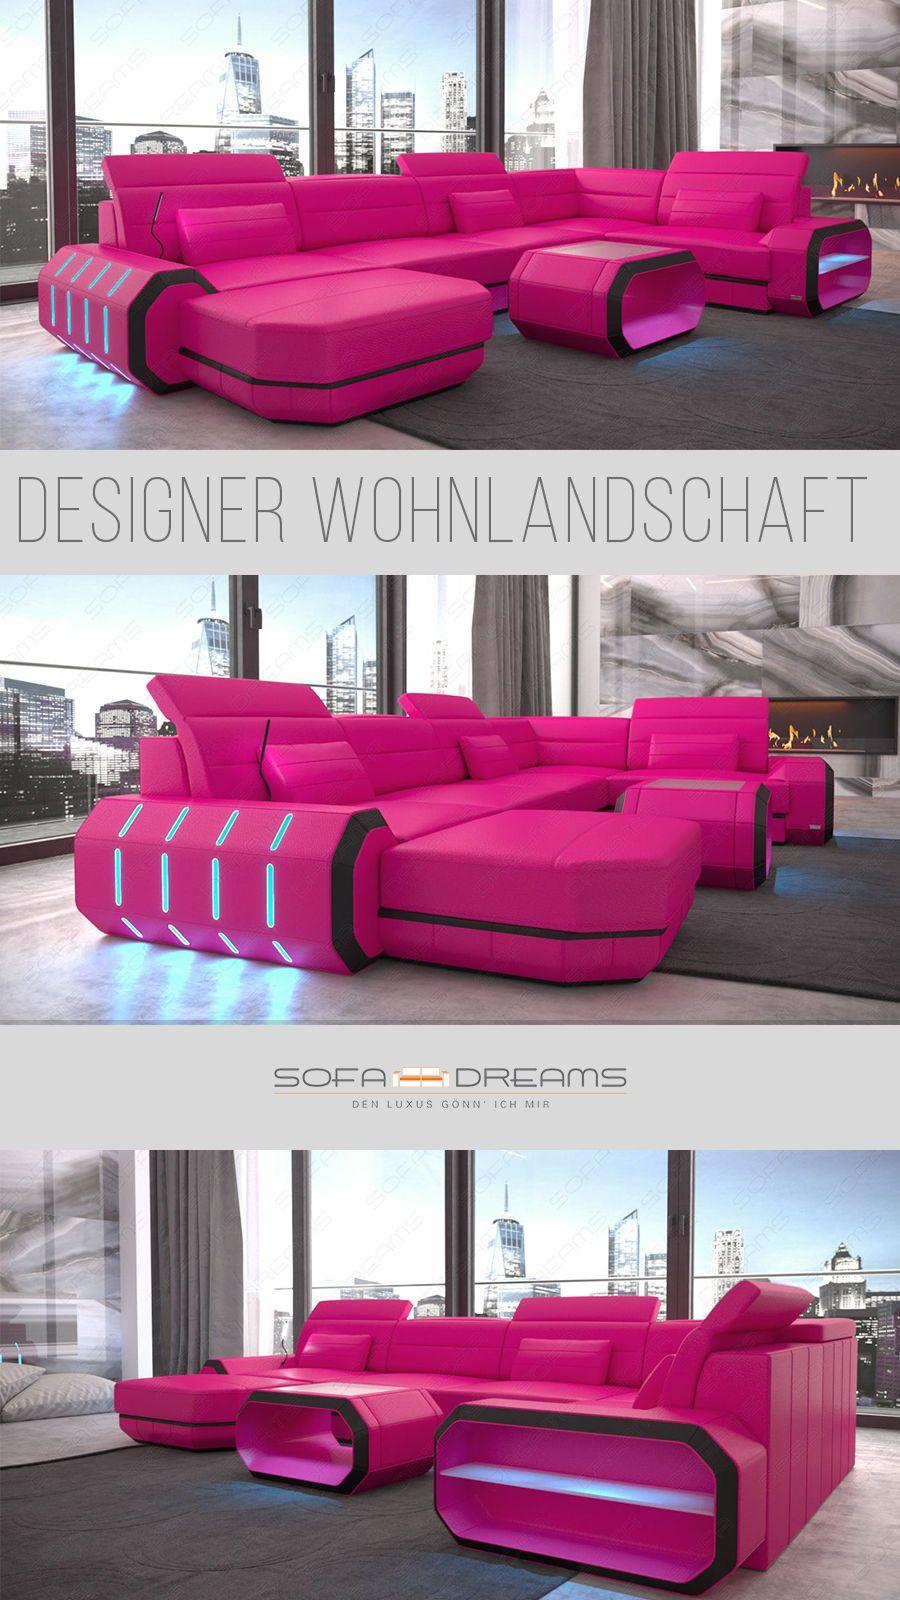 Stoff Wohnlandschaft Roma Xxl Luxus Couch Wohnen Xxl Mobel